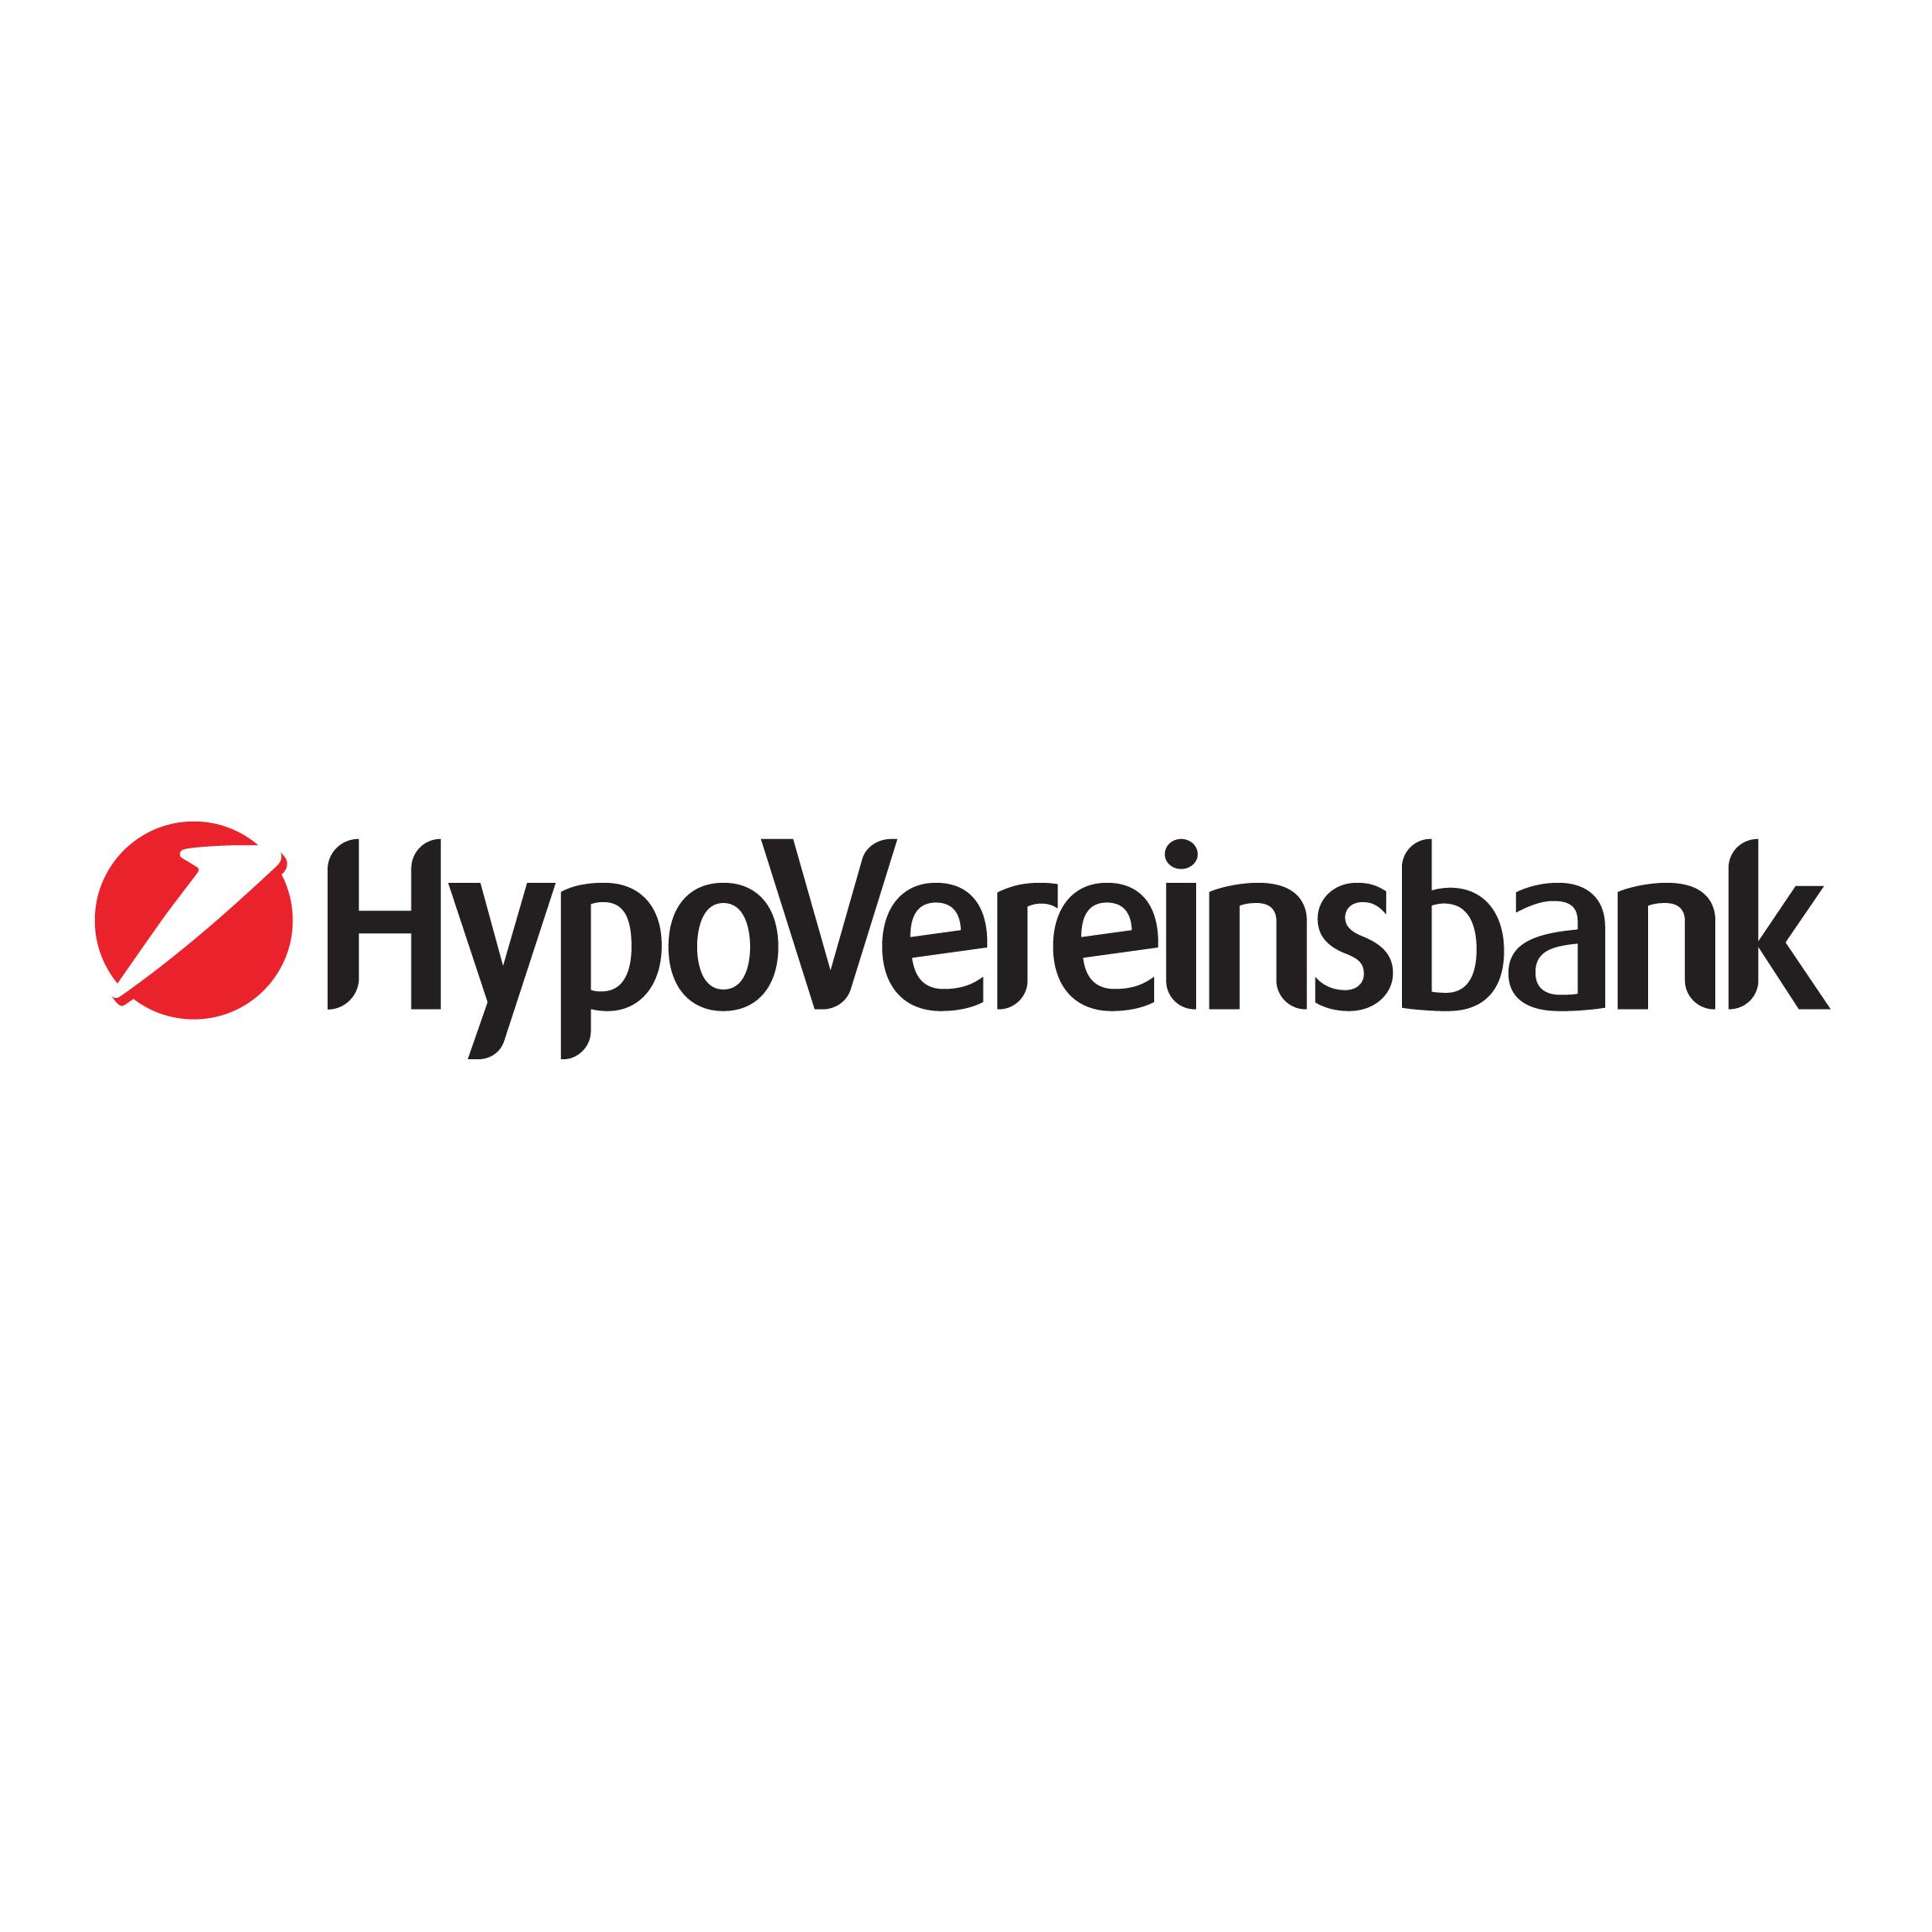 HypoVereinsbank Deisenhofen